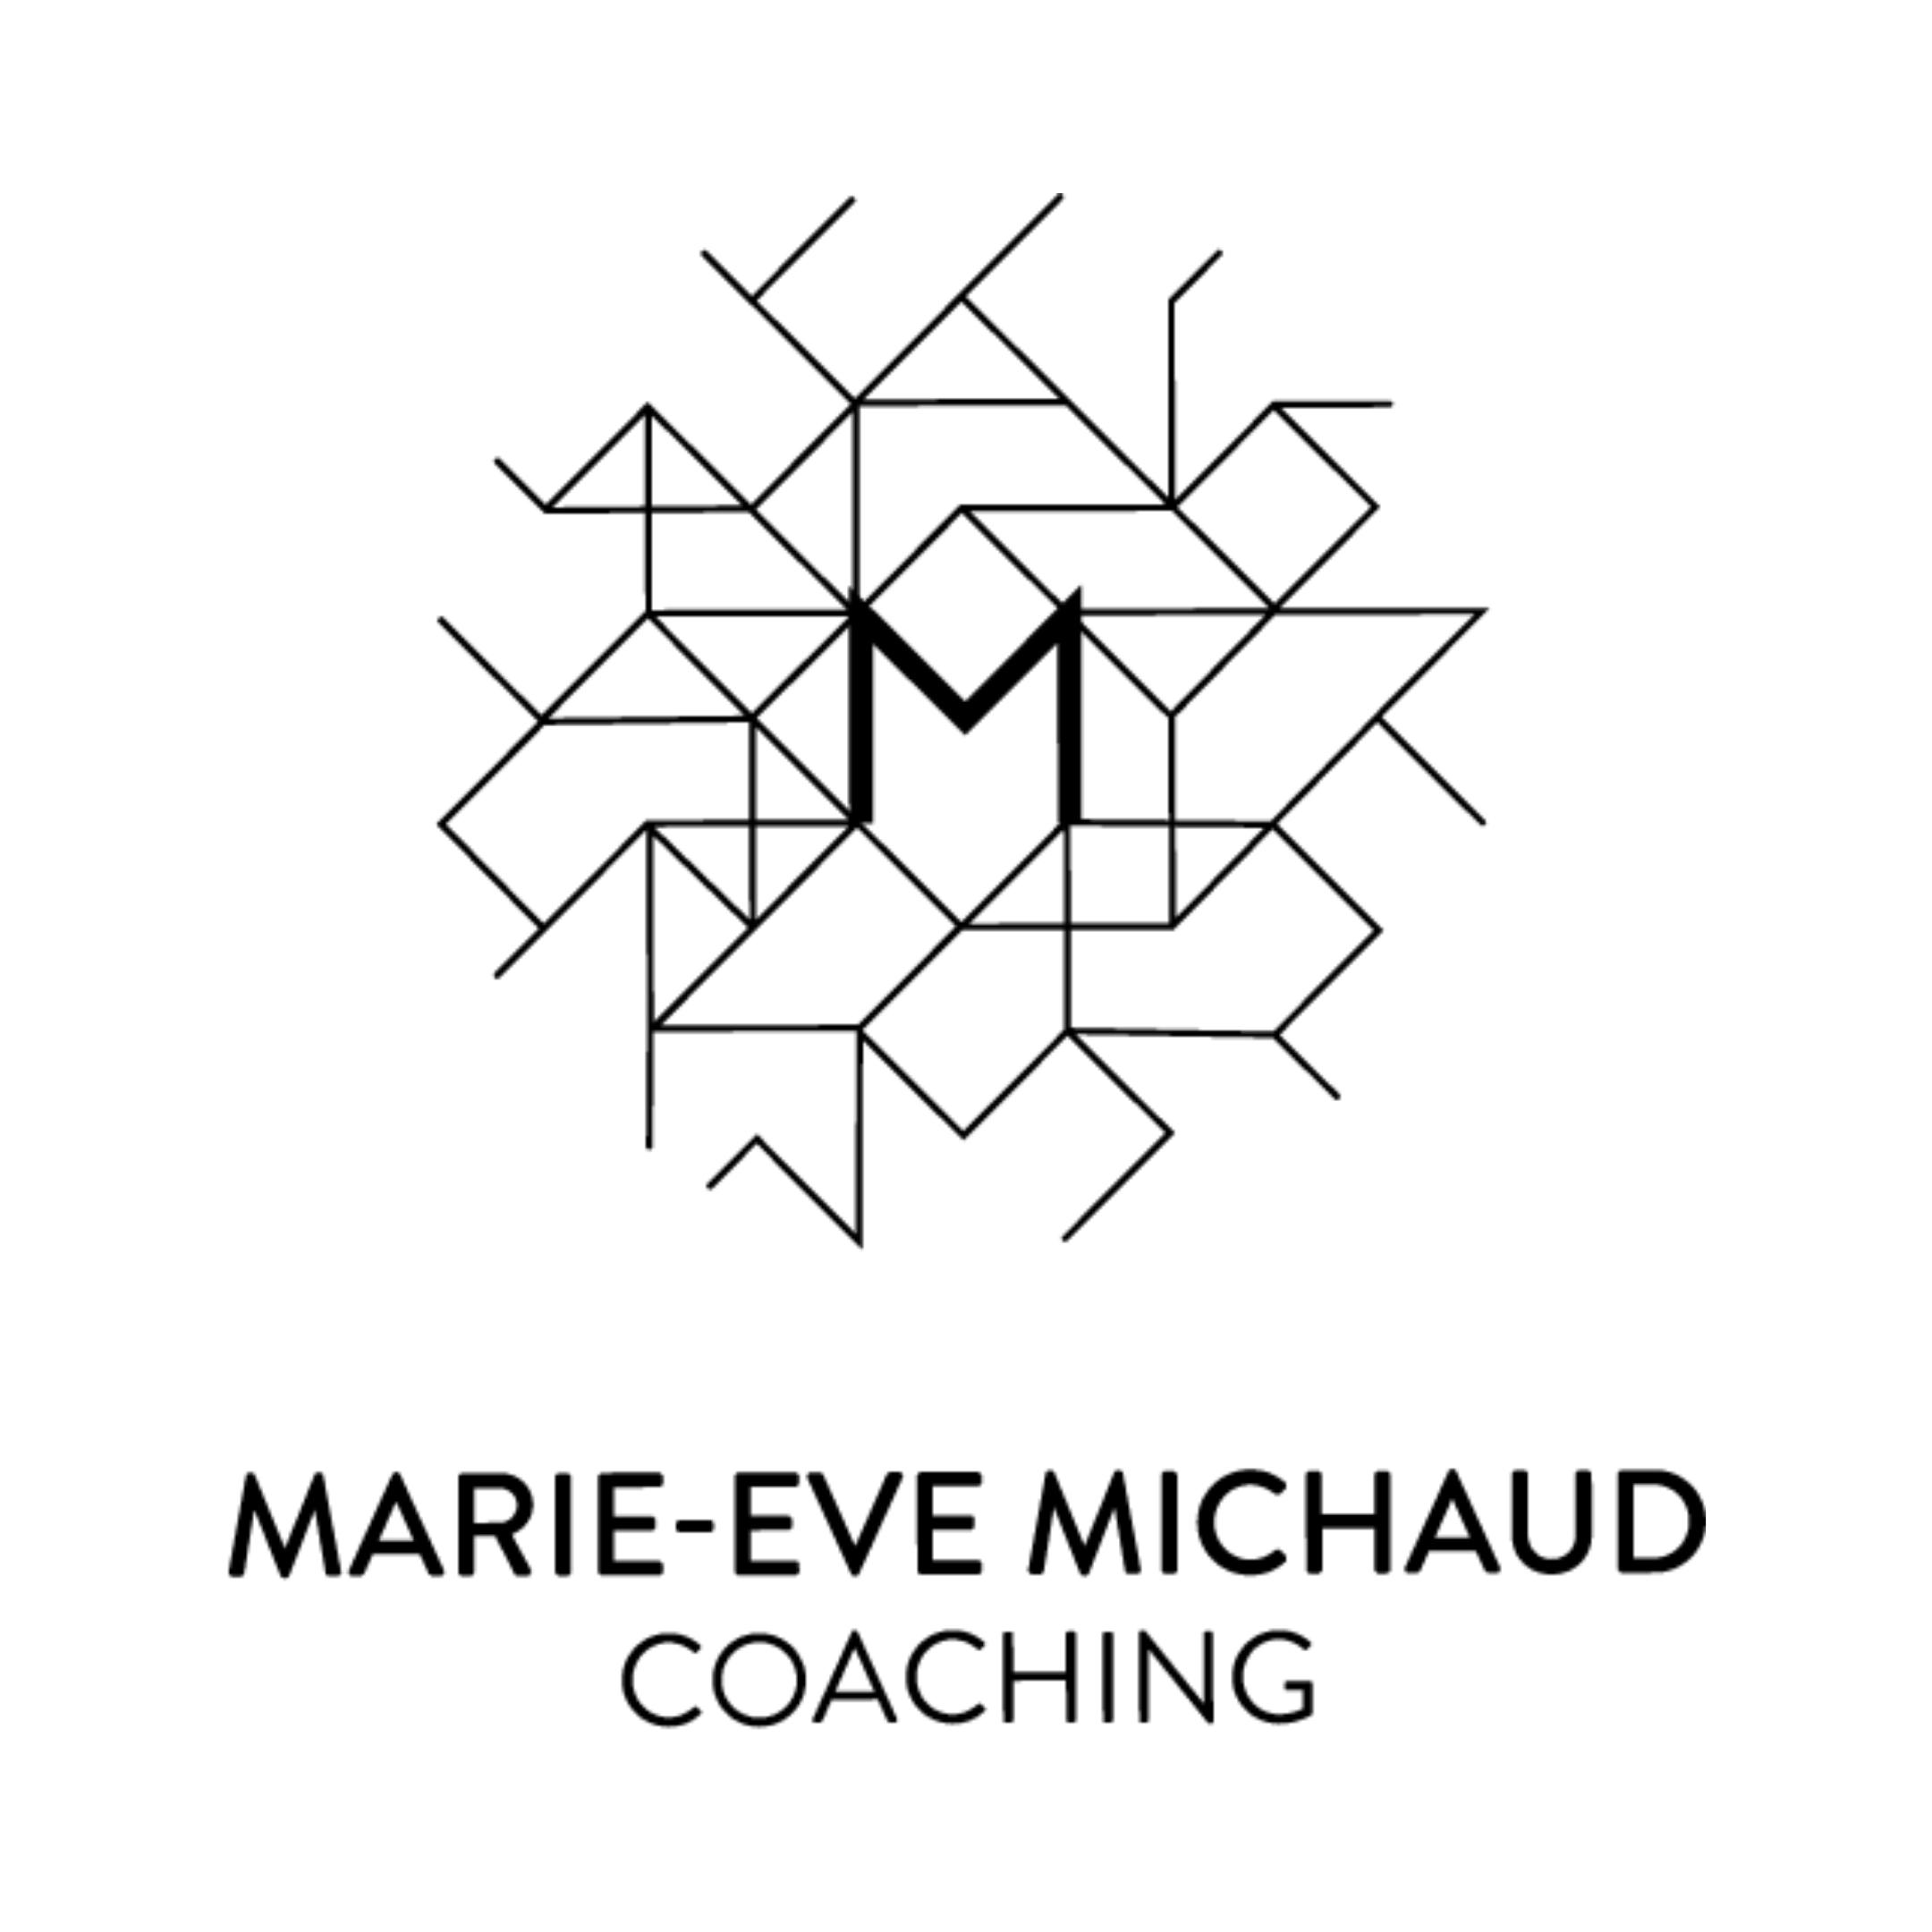 Marie-Eve Michaud - Coach en alignement stratégique et performance pour entrepreneurs et leaders, alias La Coach Intentionnelle.